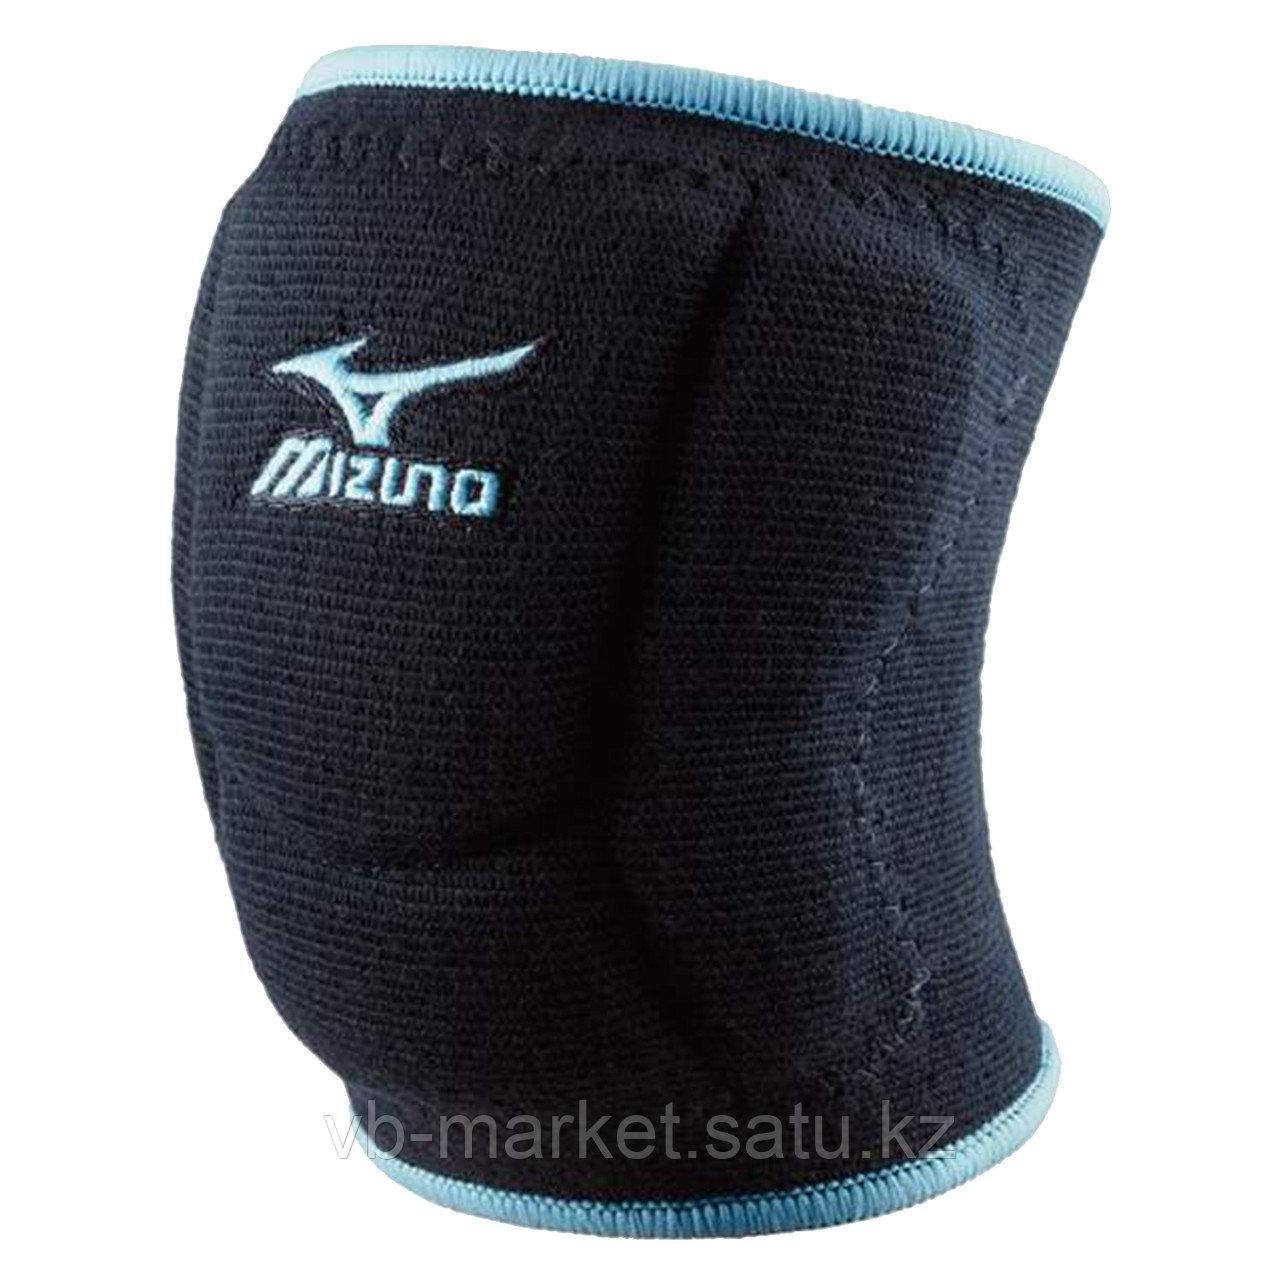 Наколенник волейбольный mizuno compact kneepad